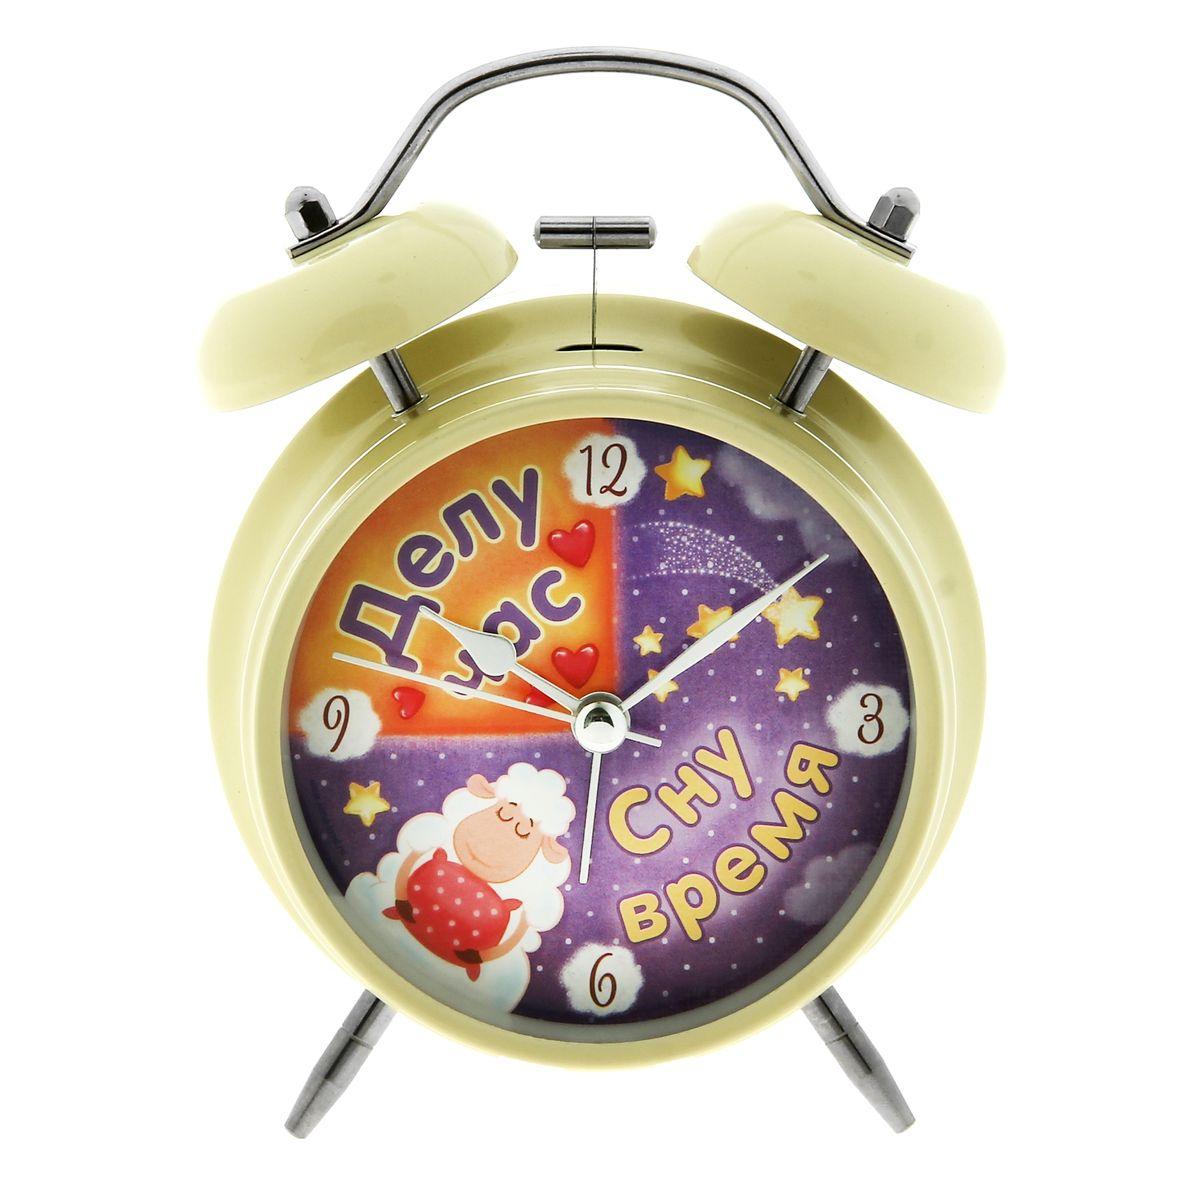 Часы-будильник Sima-land Делу час - сну времяAJ3400/12Как же сложно иногда вставать вовремя! Всегда так хочется поспать еще хотя бы 5 минут и бывает, что мы просыпаем. Теперь этого не случится! Яркий, оригинальный будильник Sima-land Делу час - сну время поможет вам всегда вставать в нужное время и успевать везде и всюду.Корпус будильника выполнен из металла. Циферблат оформлен изображением спящей овечки и надписью: Делу час, сну время, имеет индикацию арабскими цифрами. Часы снабжены 4 стрелками (секундная, минутная, часовая и для будильника). На задней панели будильника расположен переключатель включения/выключения механизма, а также два колесика для настройки текущего времени и времени звонка будильника. Также будильник оснащен кнопкой, при нажатии и удержании которой подсвечивается циферблат.Пользоваться будильником очень легко: нужно всего лишь поставить батарейку, настроить точное время и установить время звонка. Необходимо докупить 1 батарейку типа АА (не входит в комплект).